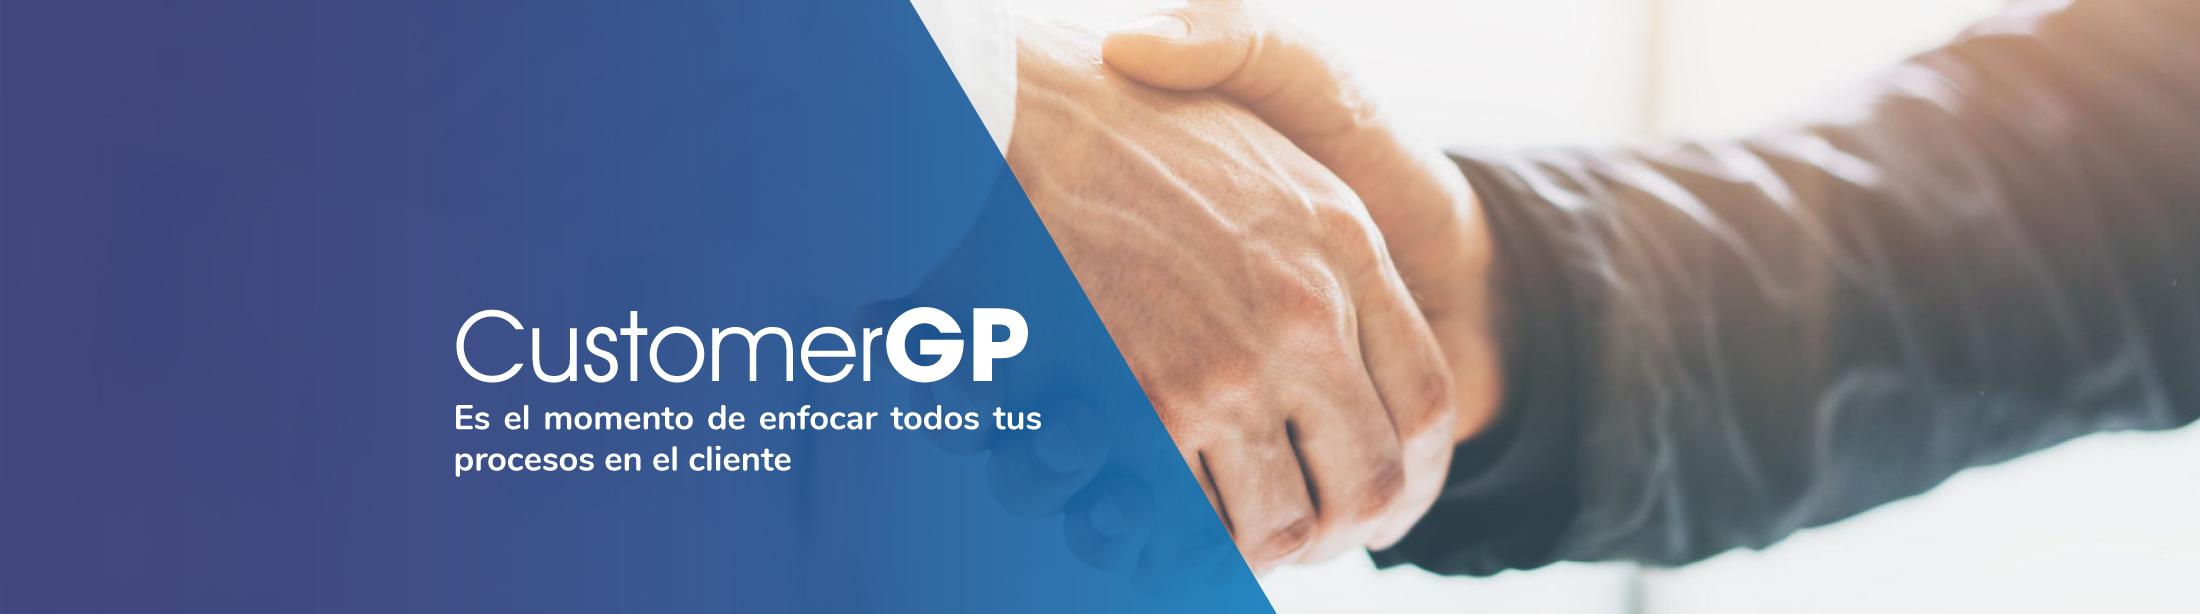 CustomerGP Es el momento de enfocar todos tus procesos en el cliente